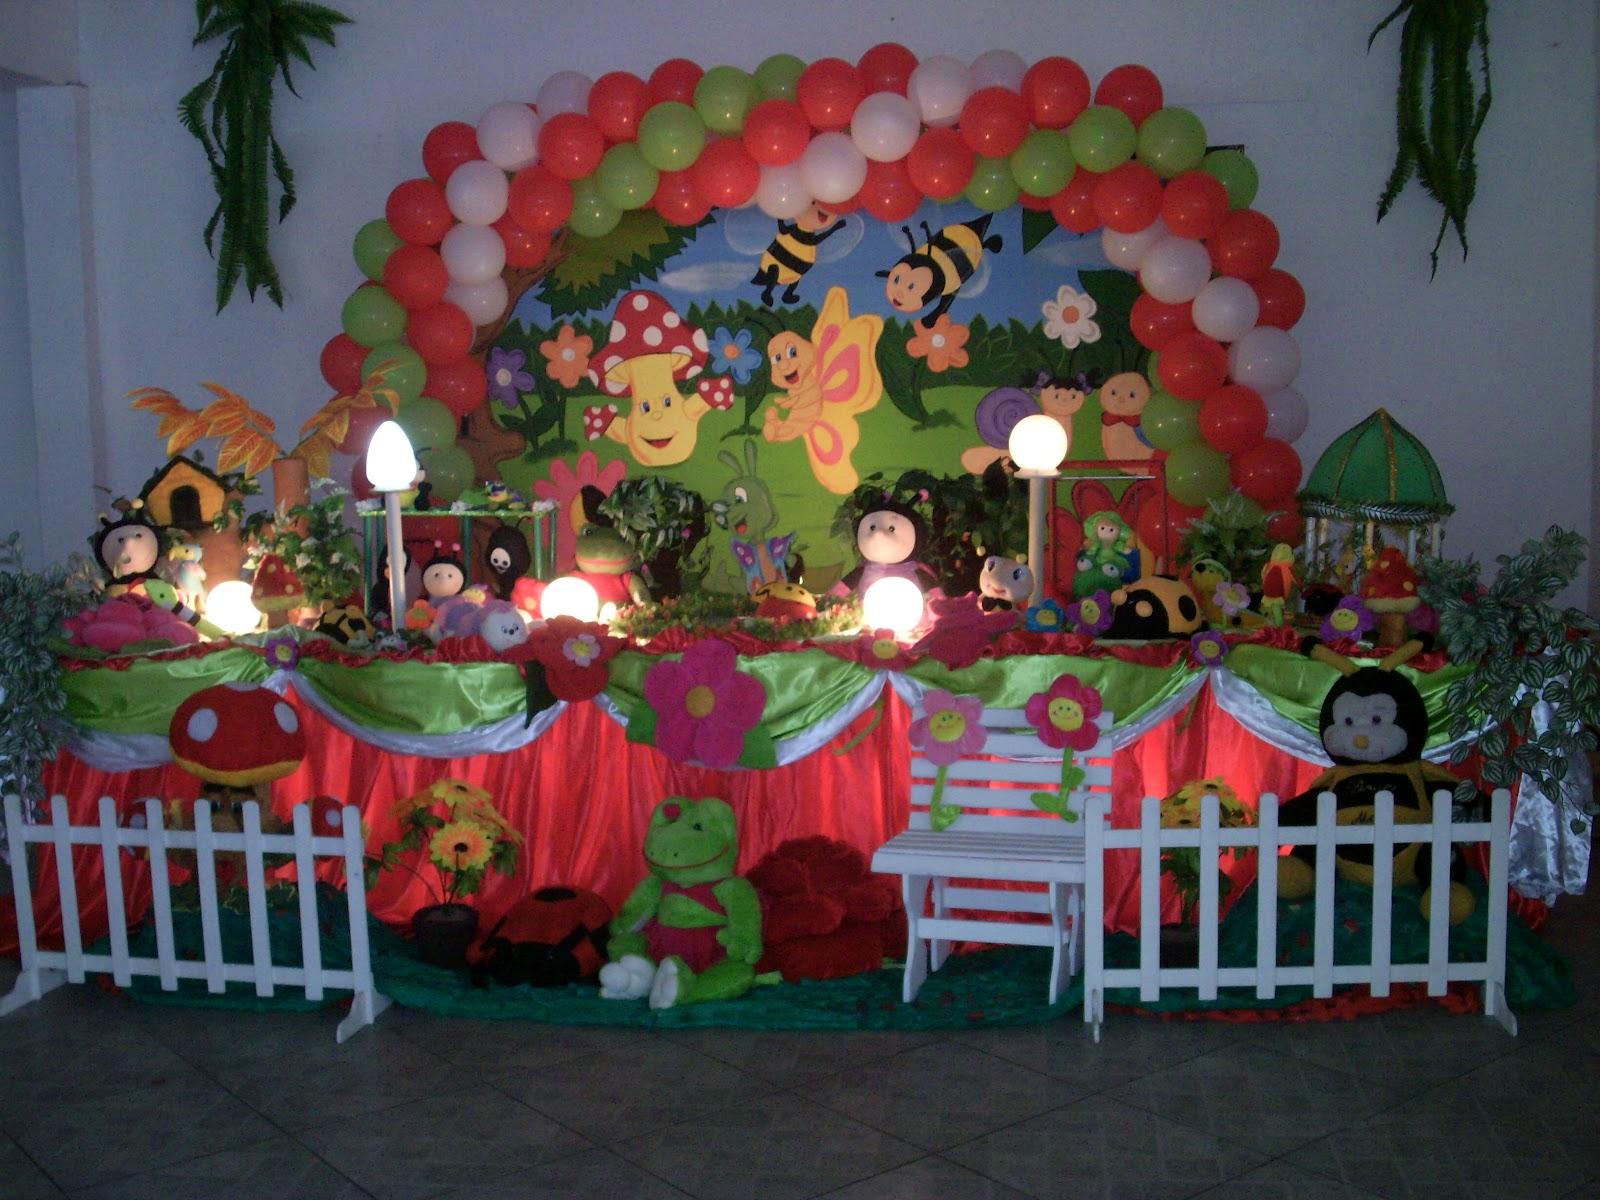 Festa Infantil Lugh~ Festa Infantil Jardim Encantado Provencal